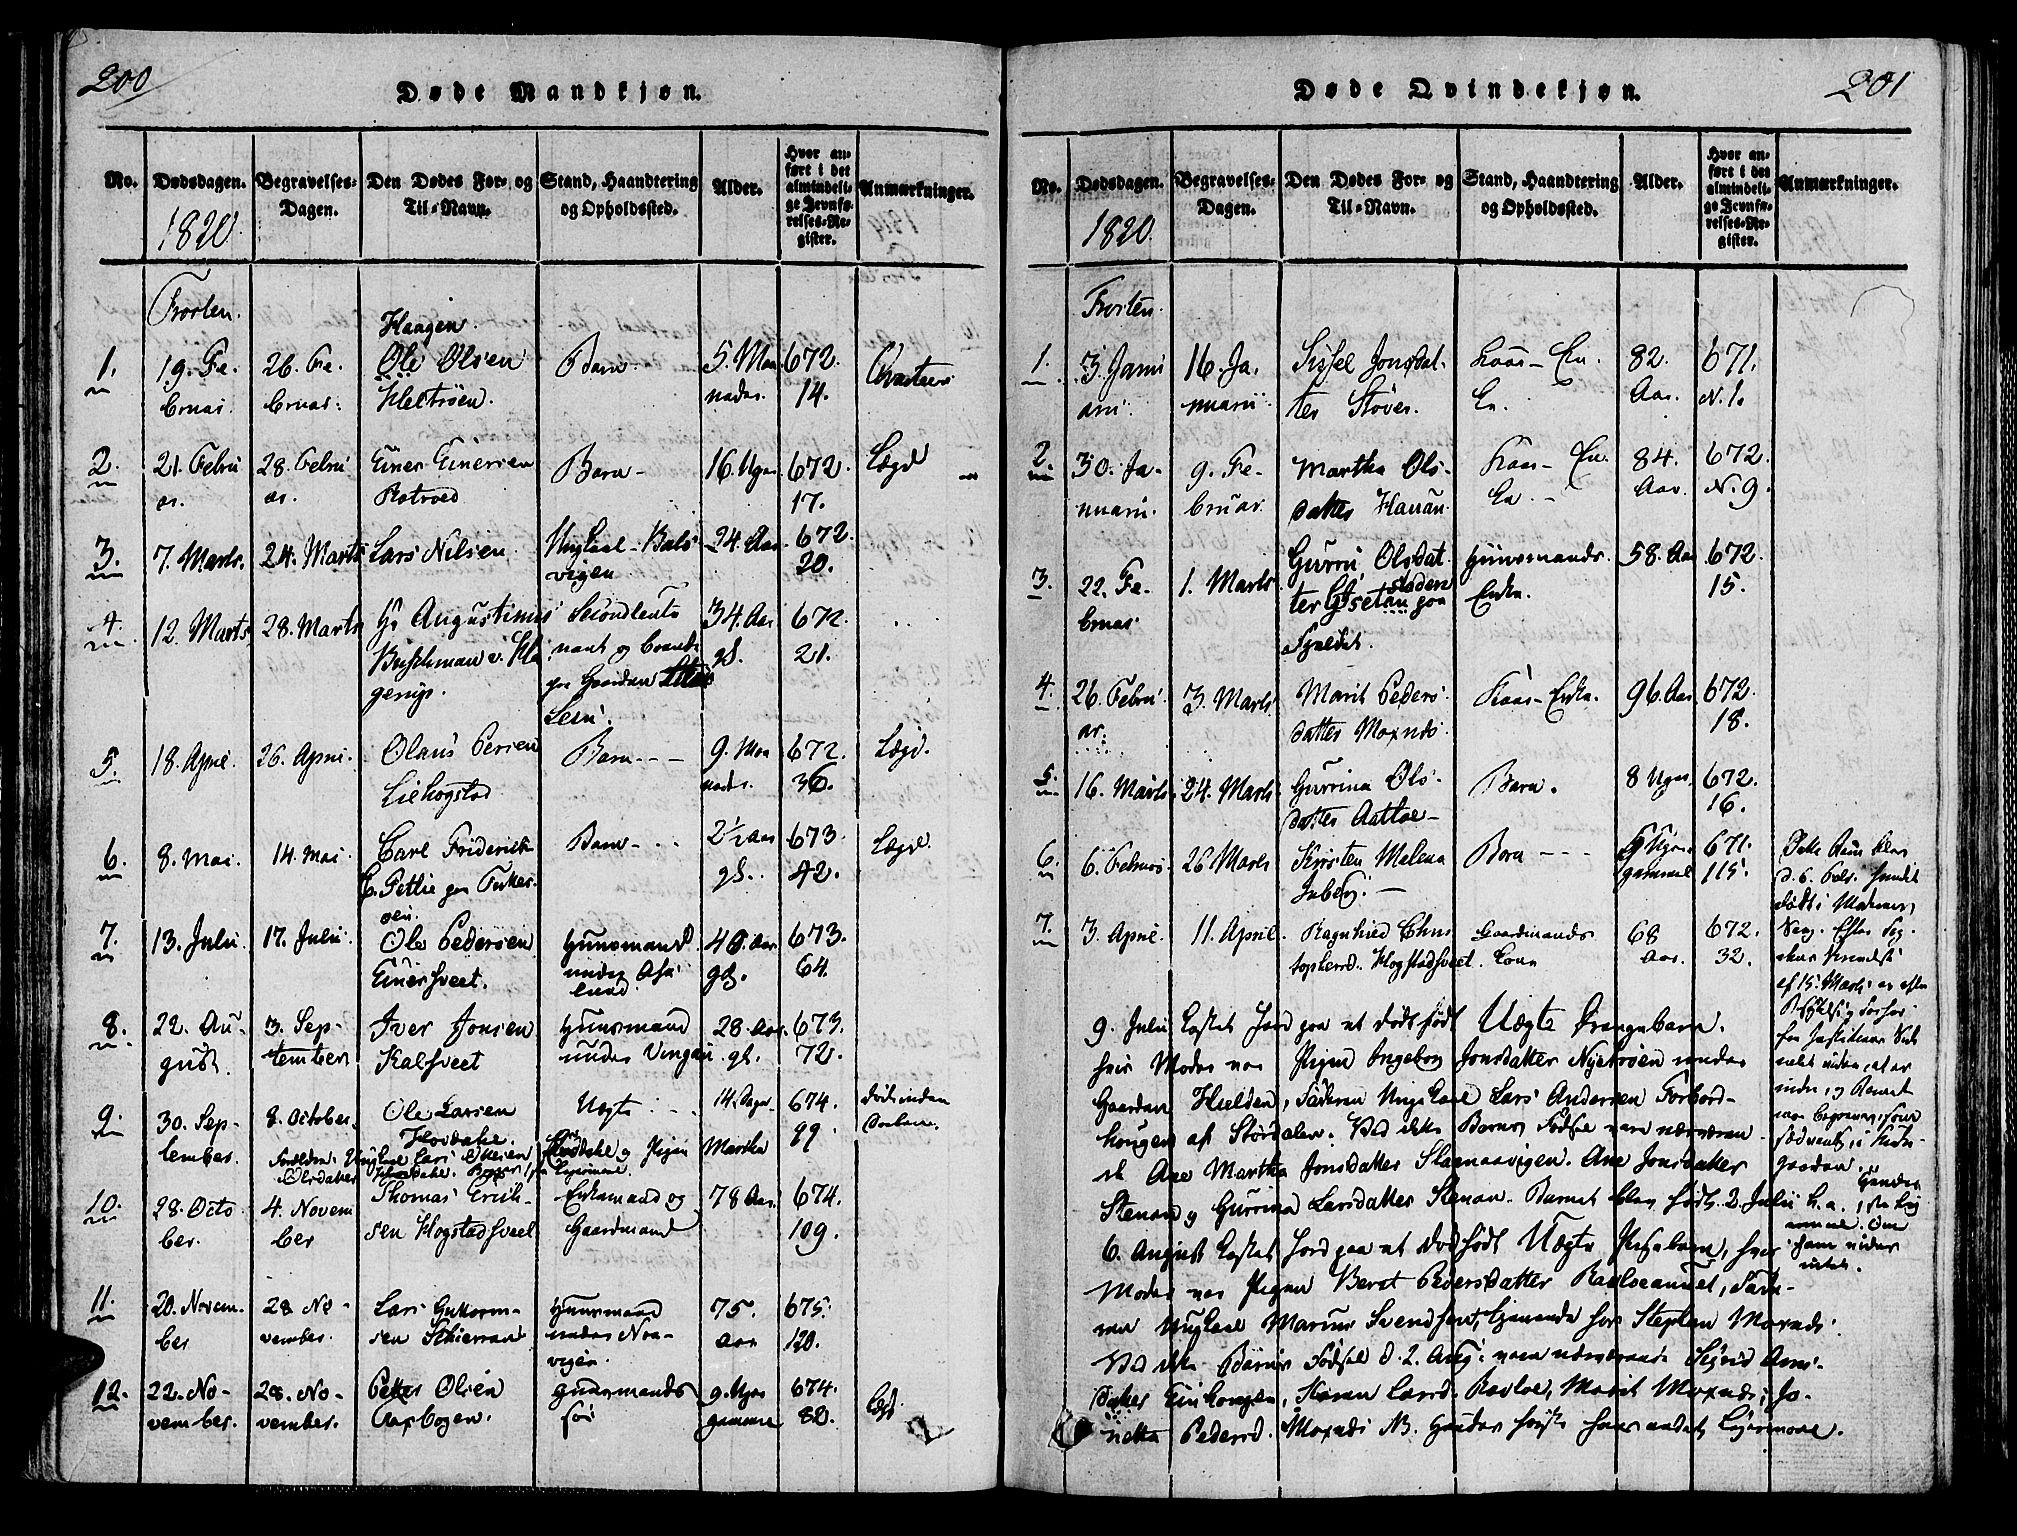 SAT, Ministerialprotokoller, klokkerbøker og fødselsregistre - Nord-Trøndelag, 713/L0112: Ministerialbok nr. 713A04 /1, 1817-1827, s. 200-201